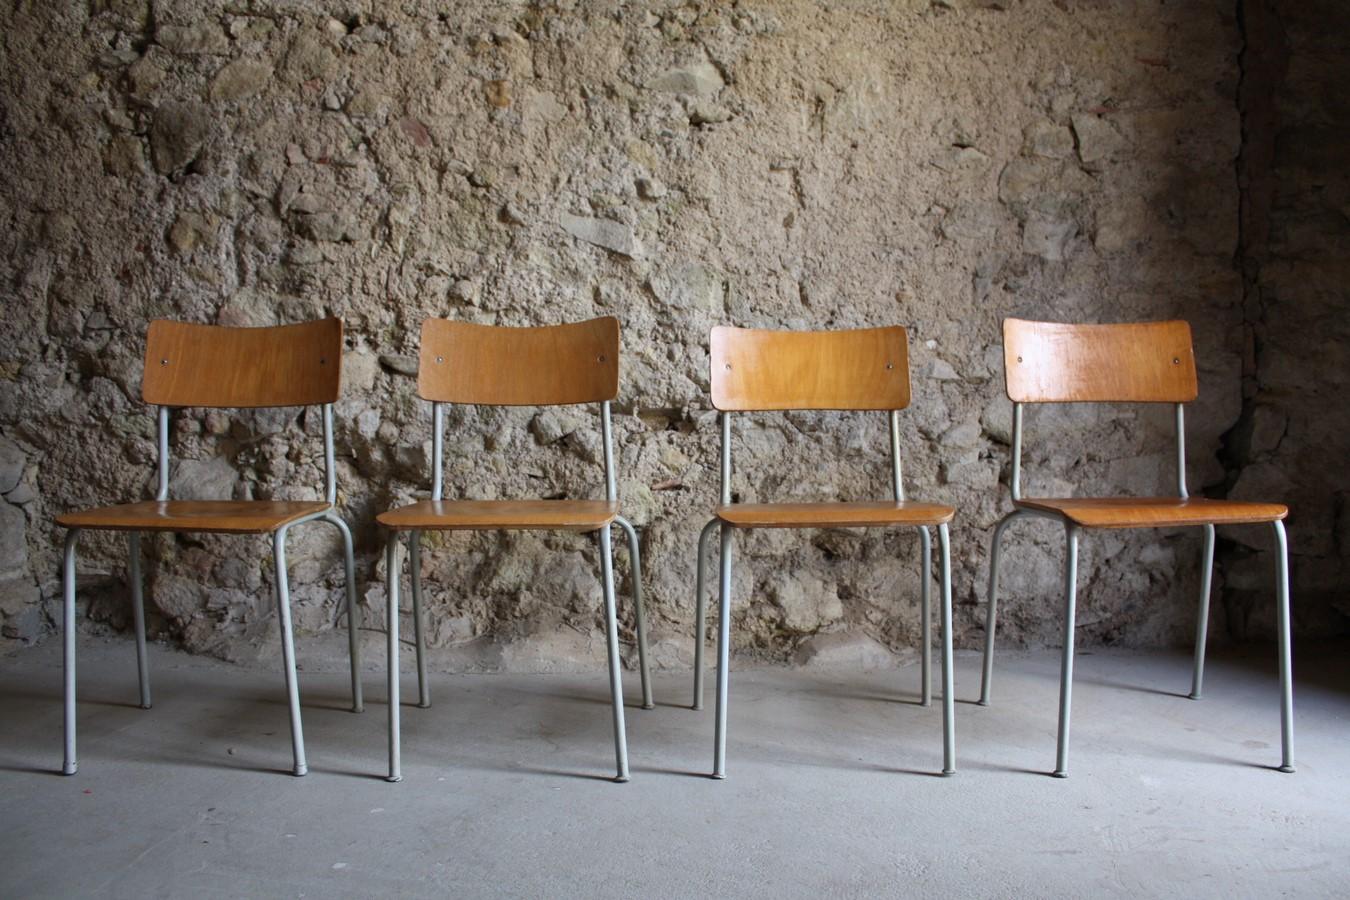 Fein Weiß Holz Küchenstühle Uk Fotos - Küchenschrank Ideen ...